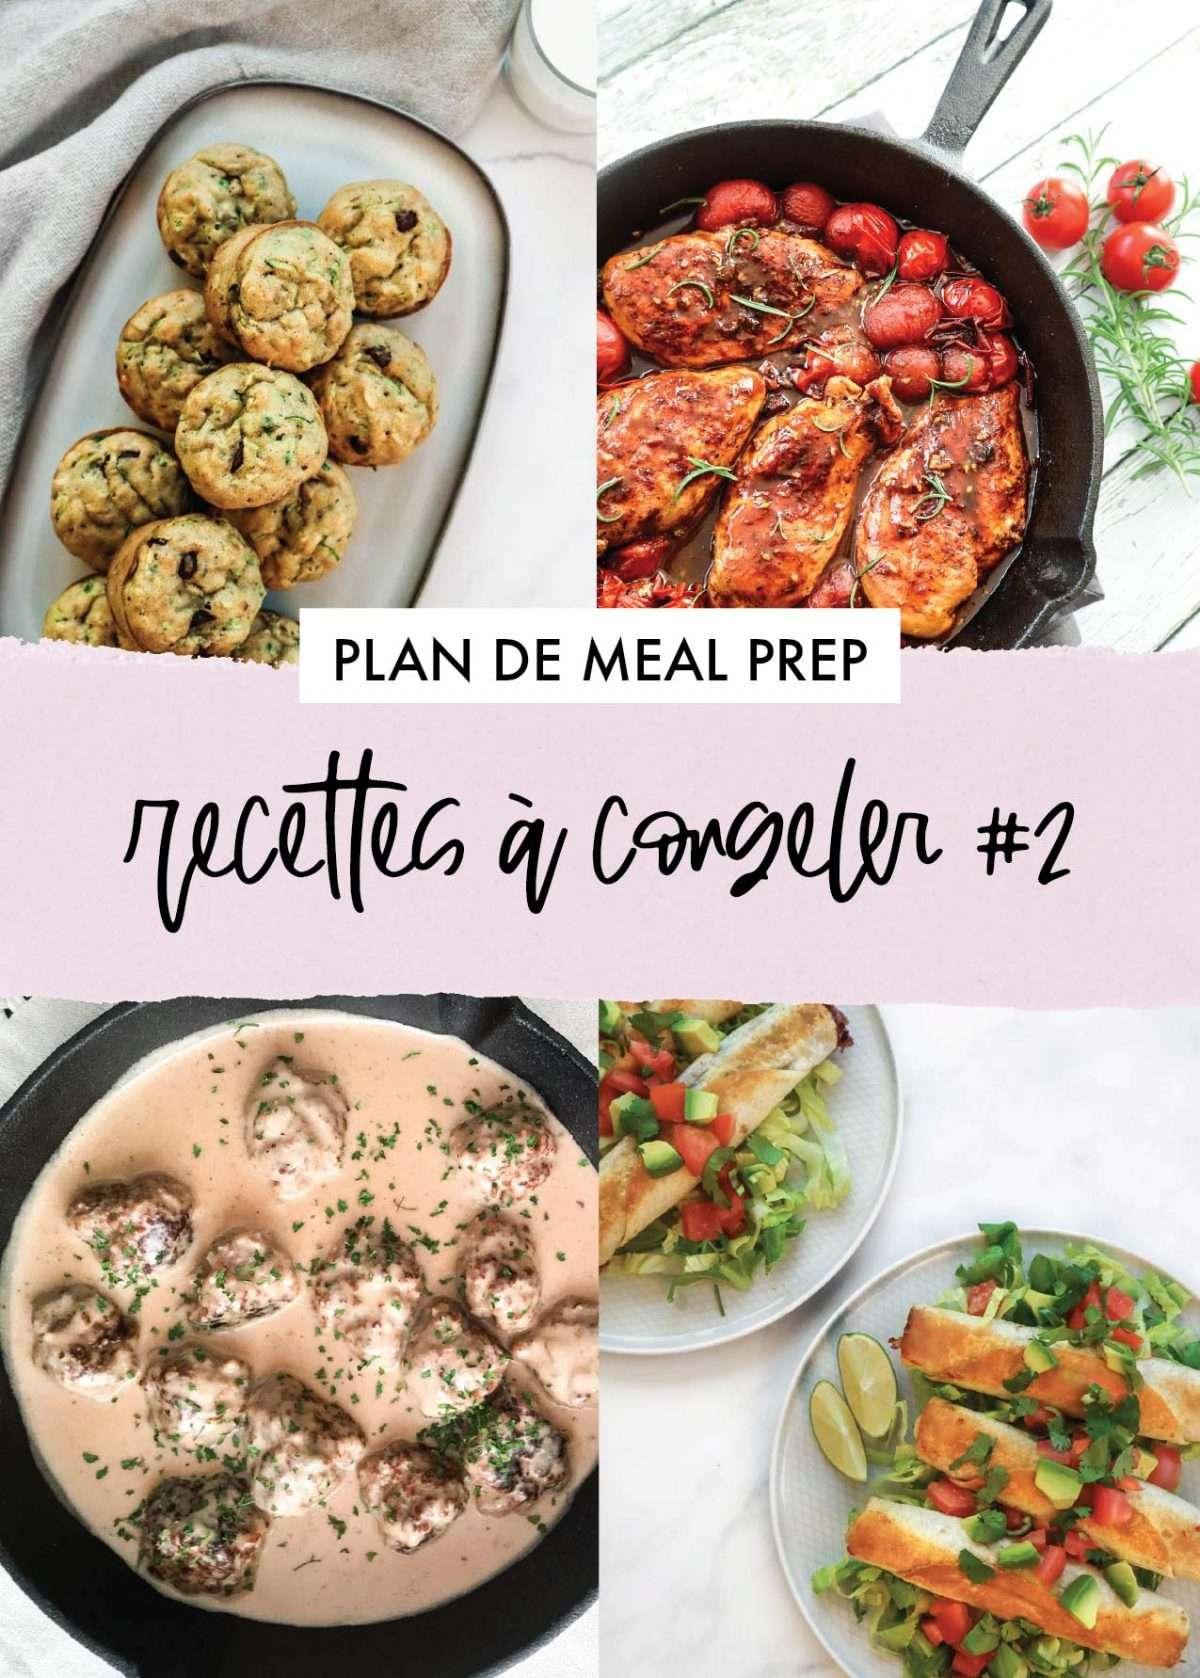 Plan de meal prep - Recettes à congeler - Congélation